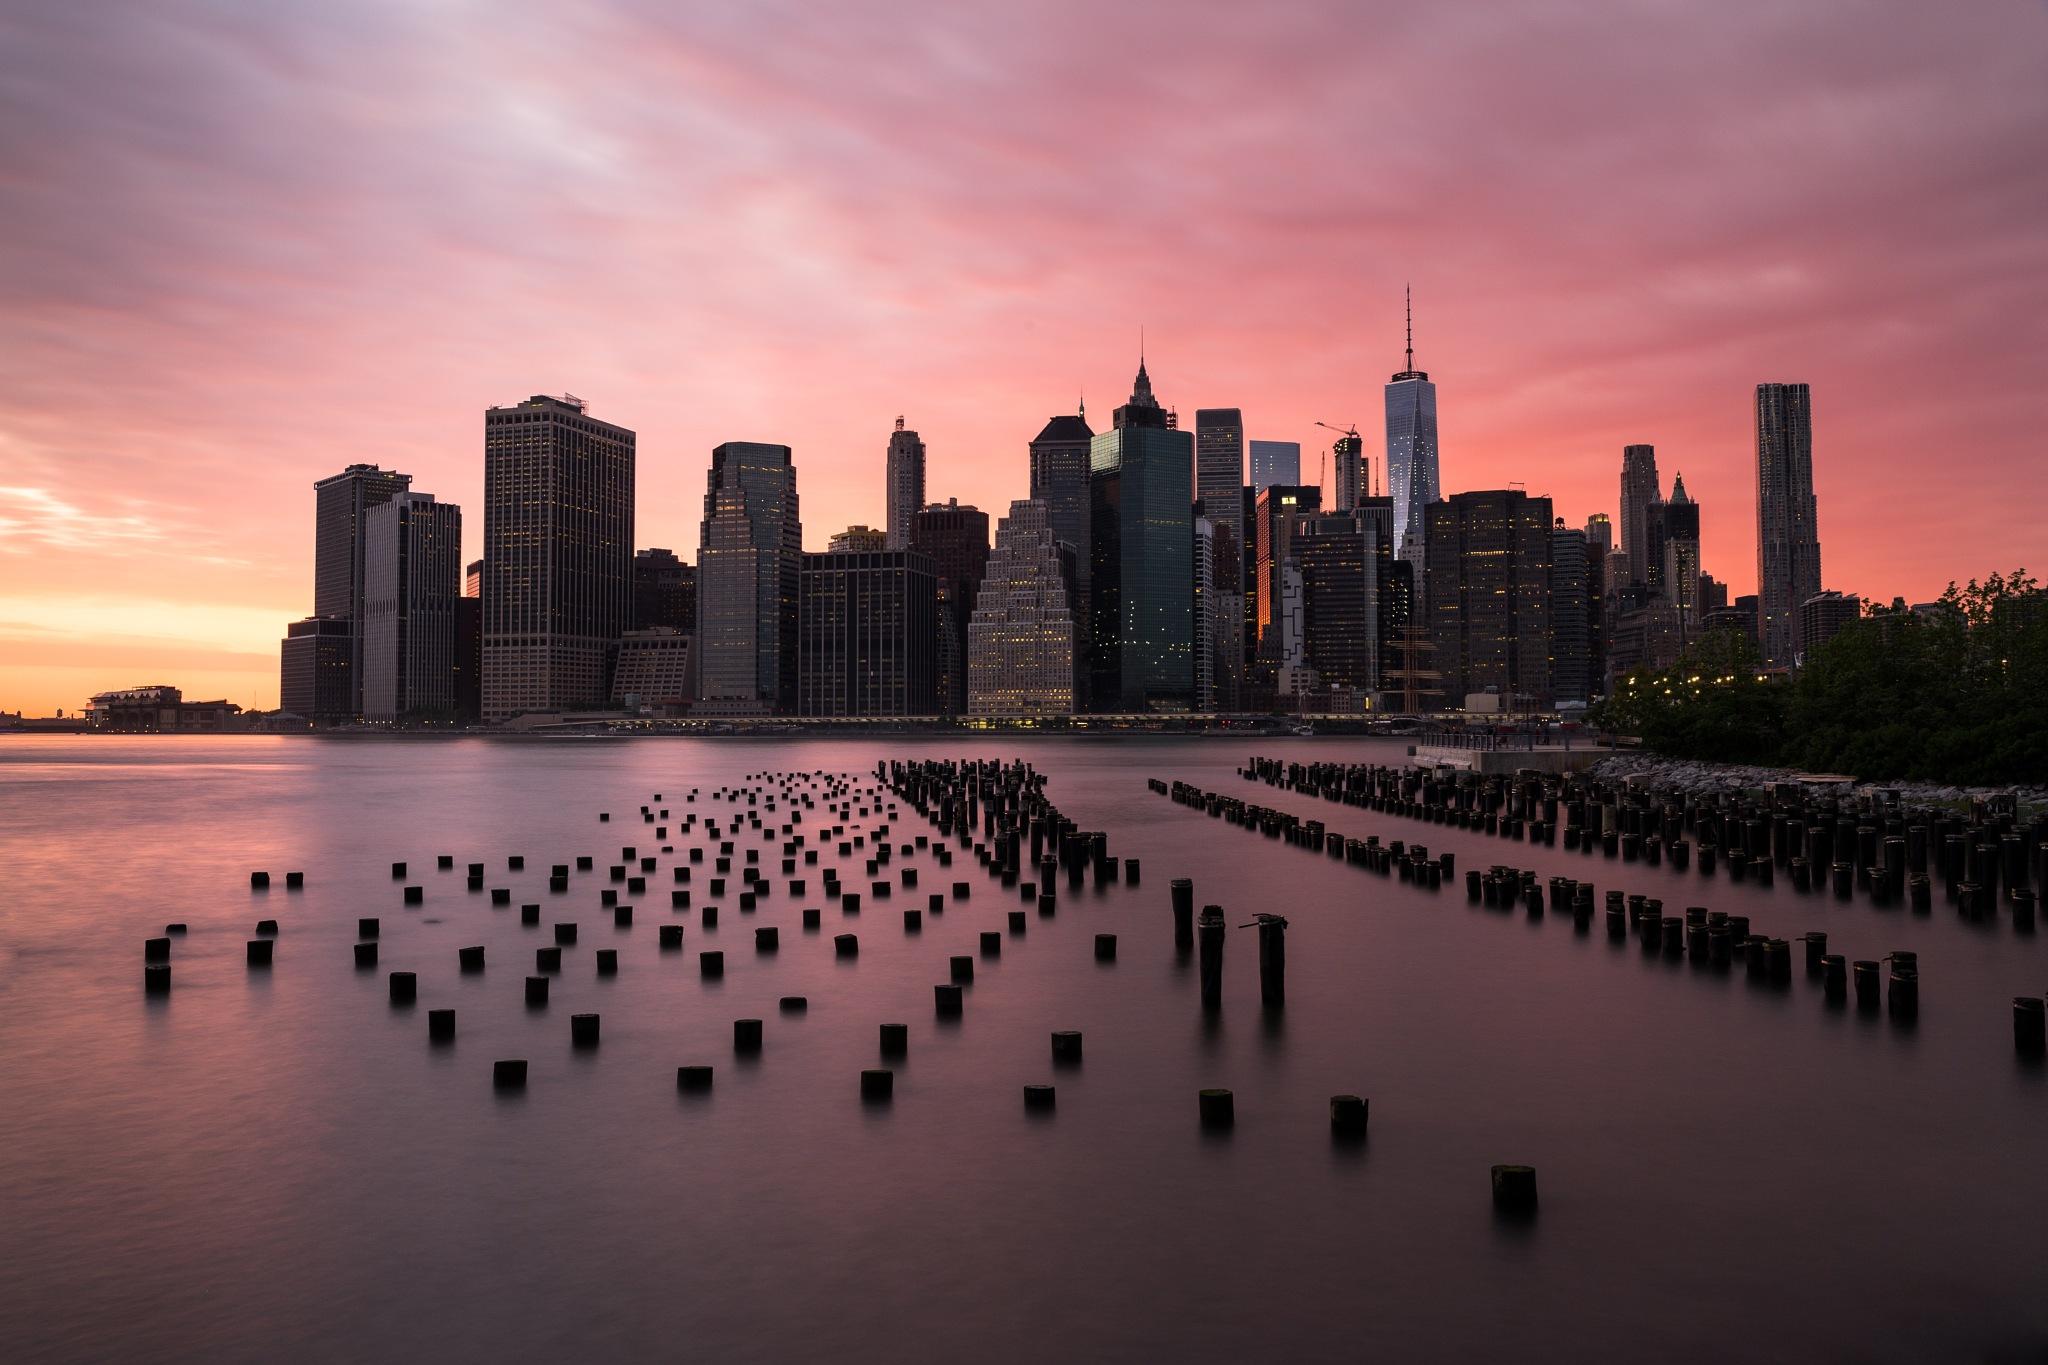 New York City by Giorgino23